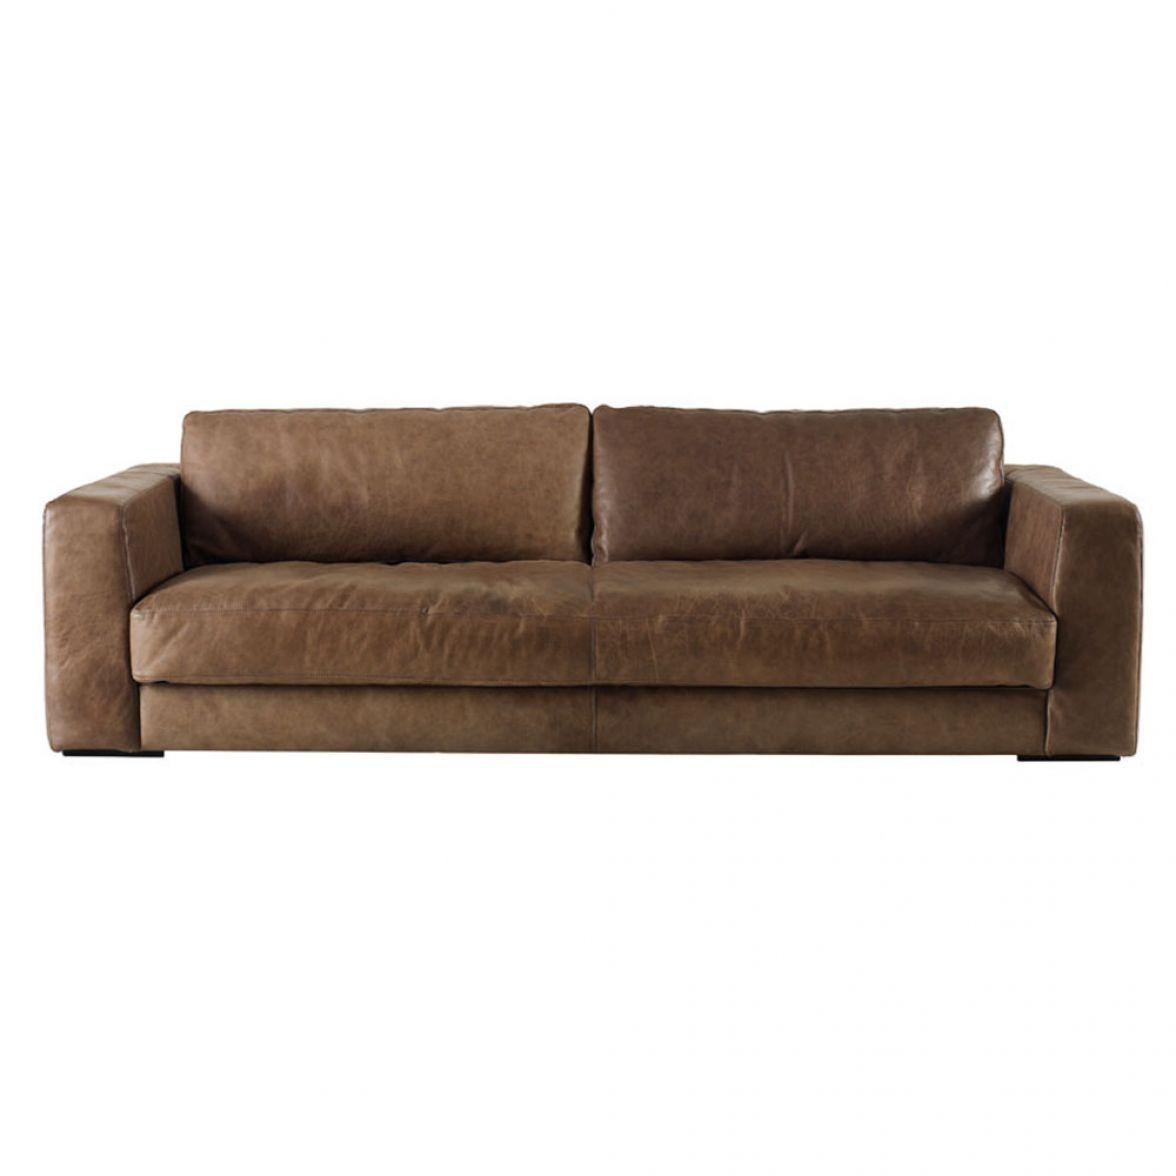 Peter sofa фото цена